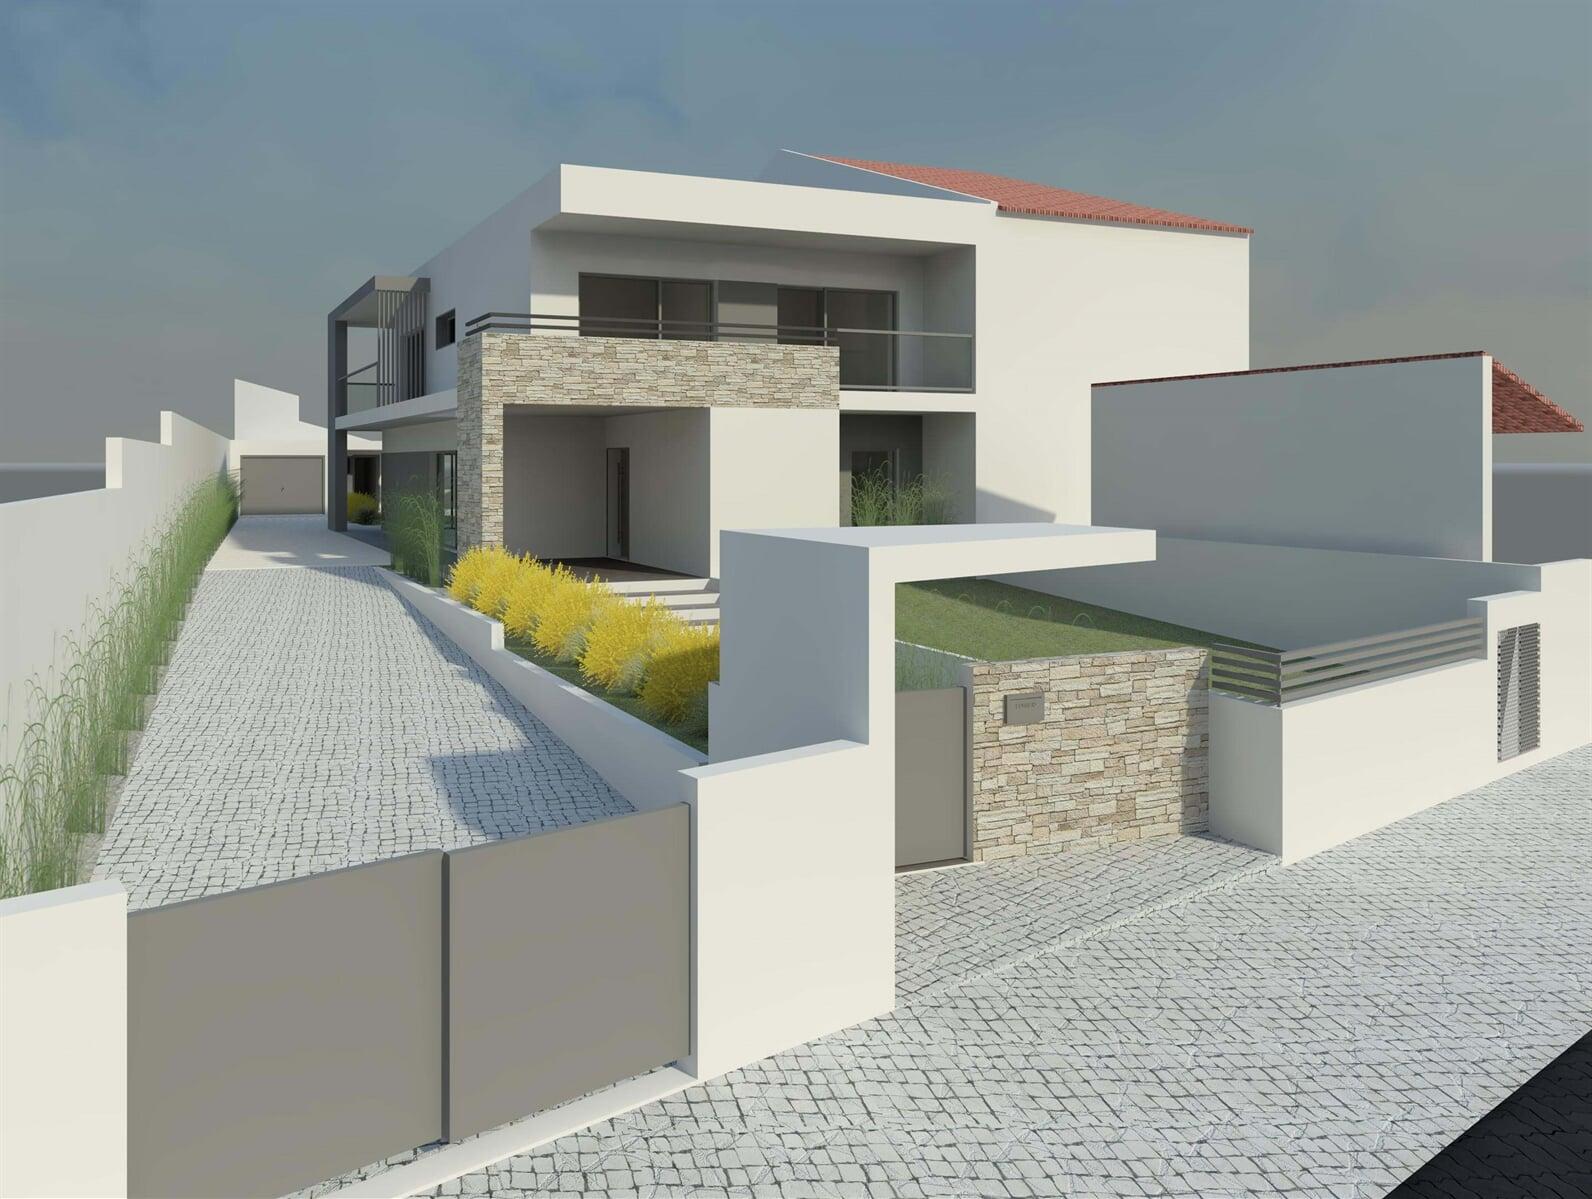 Projectos habitacionais - Carlos Alberto Gomes Arquitectos Projectos de Arquitectura Habitacionais Projetos de Equipamentos e Serviços Carlos Alberto Gomes Arquitectos Associados 13